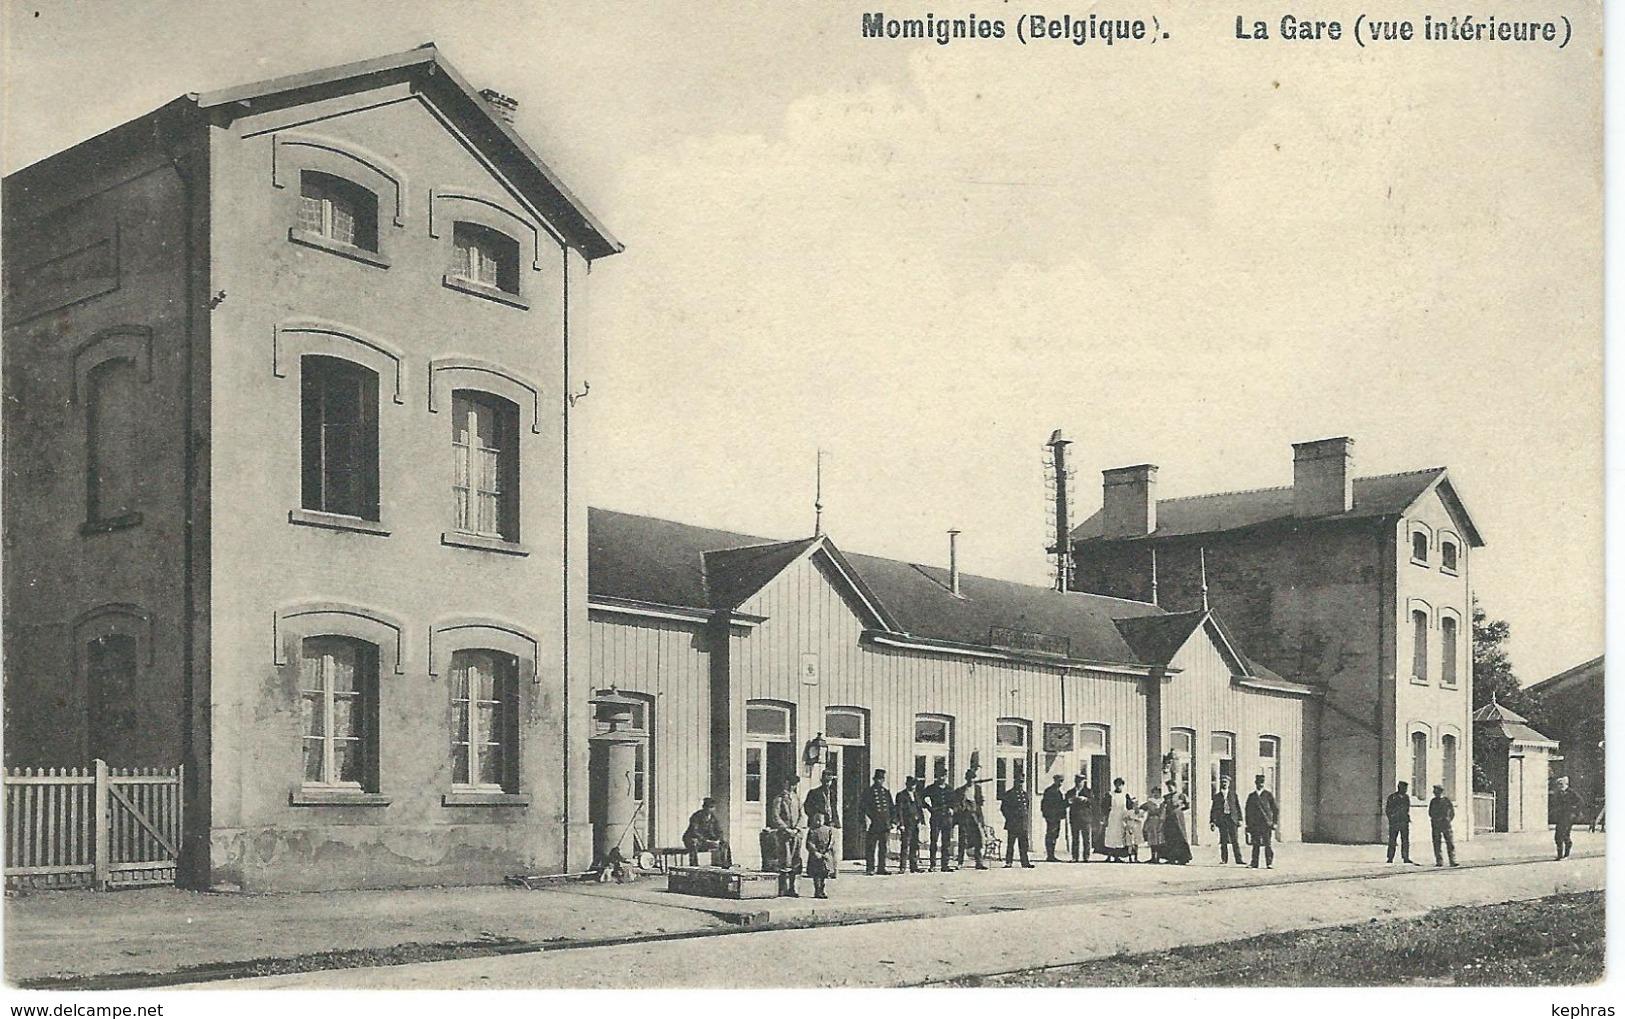 MOMIGNIES : La Gare - Vue Intérieure - Edit. E. Douniau,Cartes En Gros, Chimay - Cachet De La Poste 1910 - Momignies